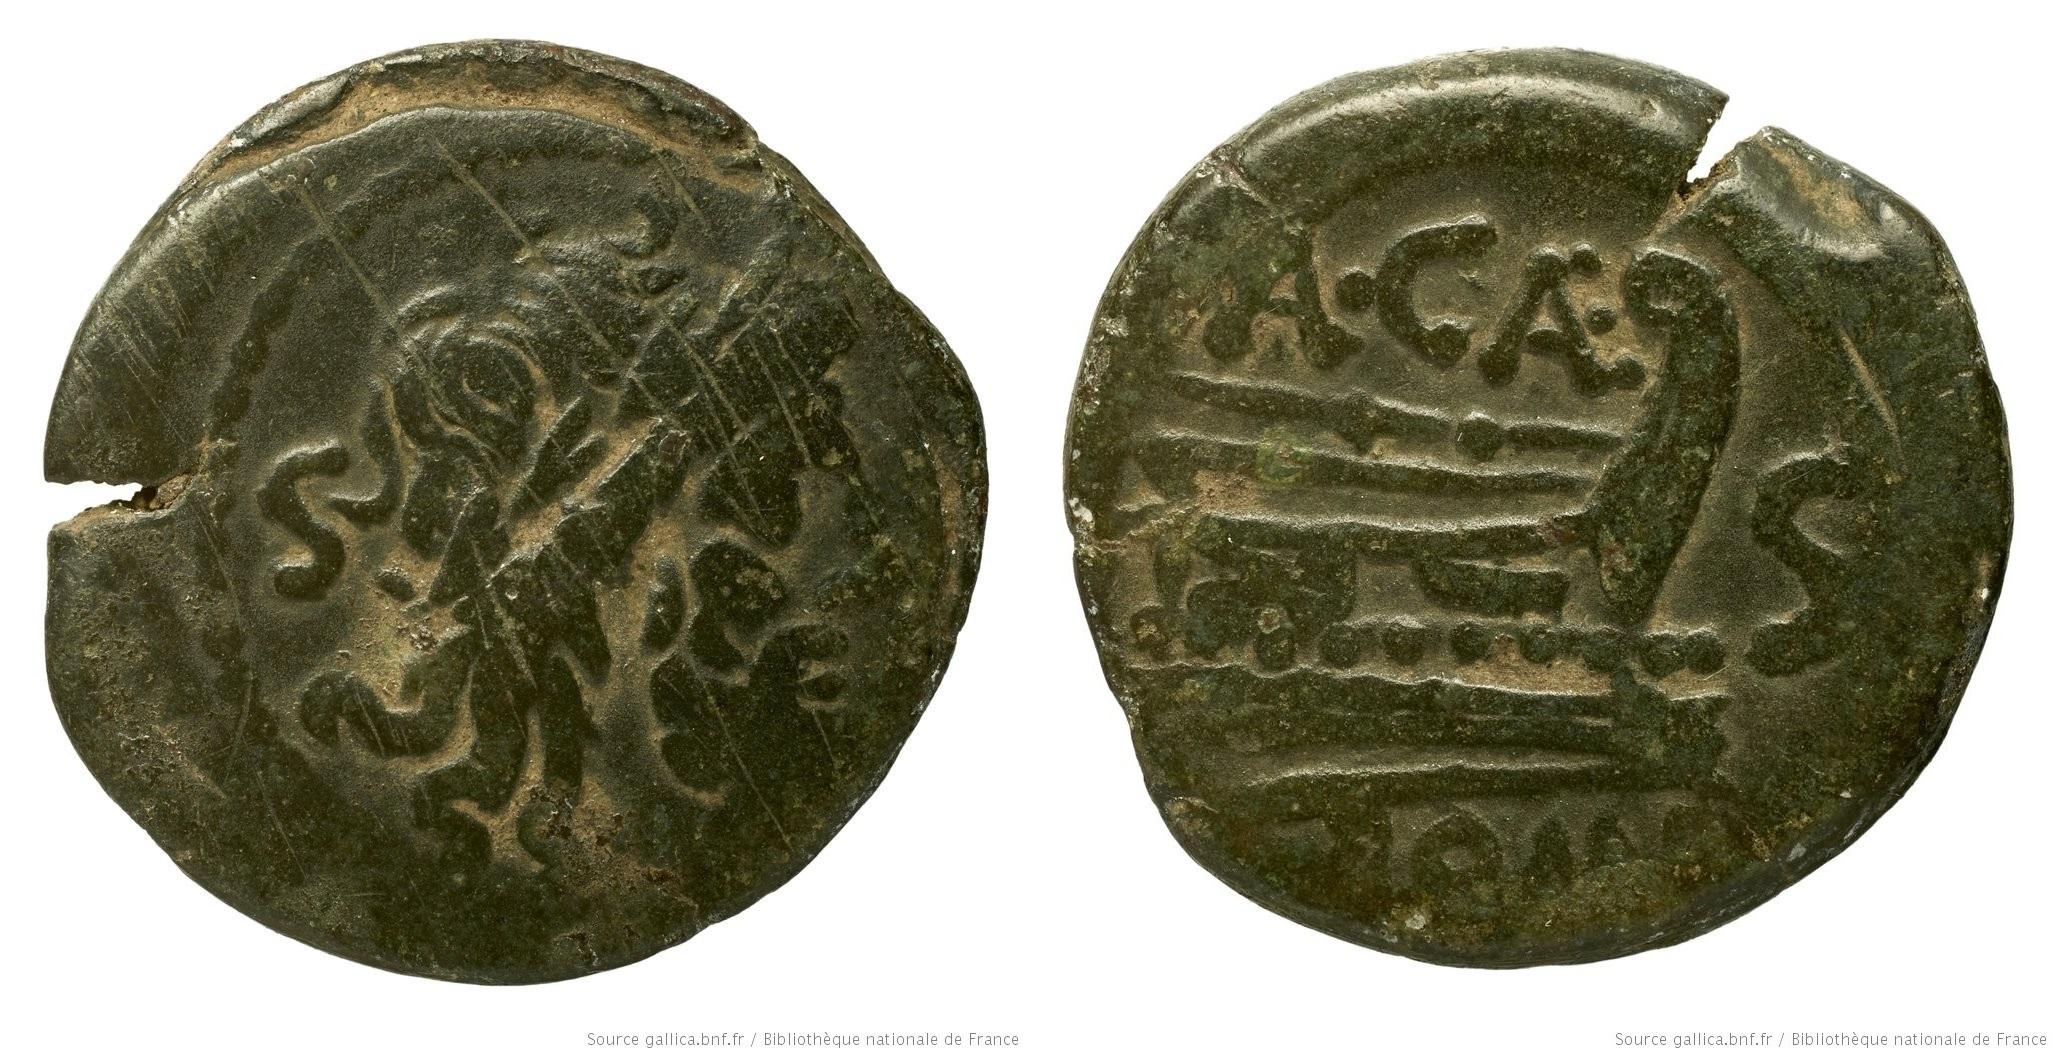 677CA – Semis Caecilia – Aulus Caecilius